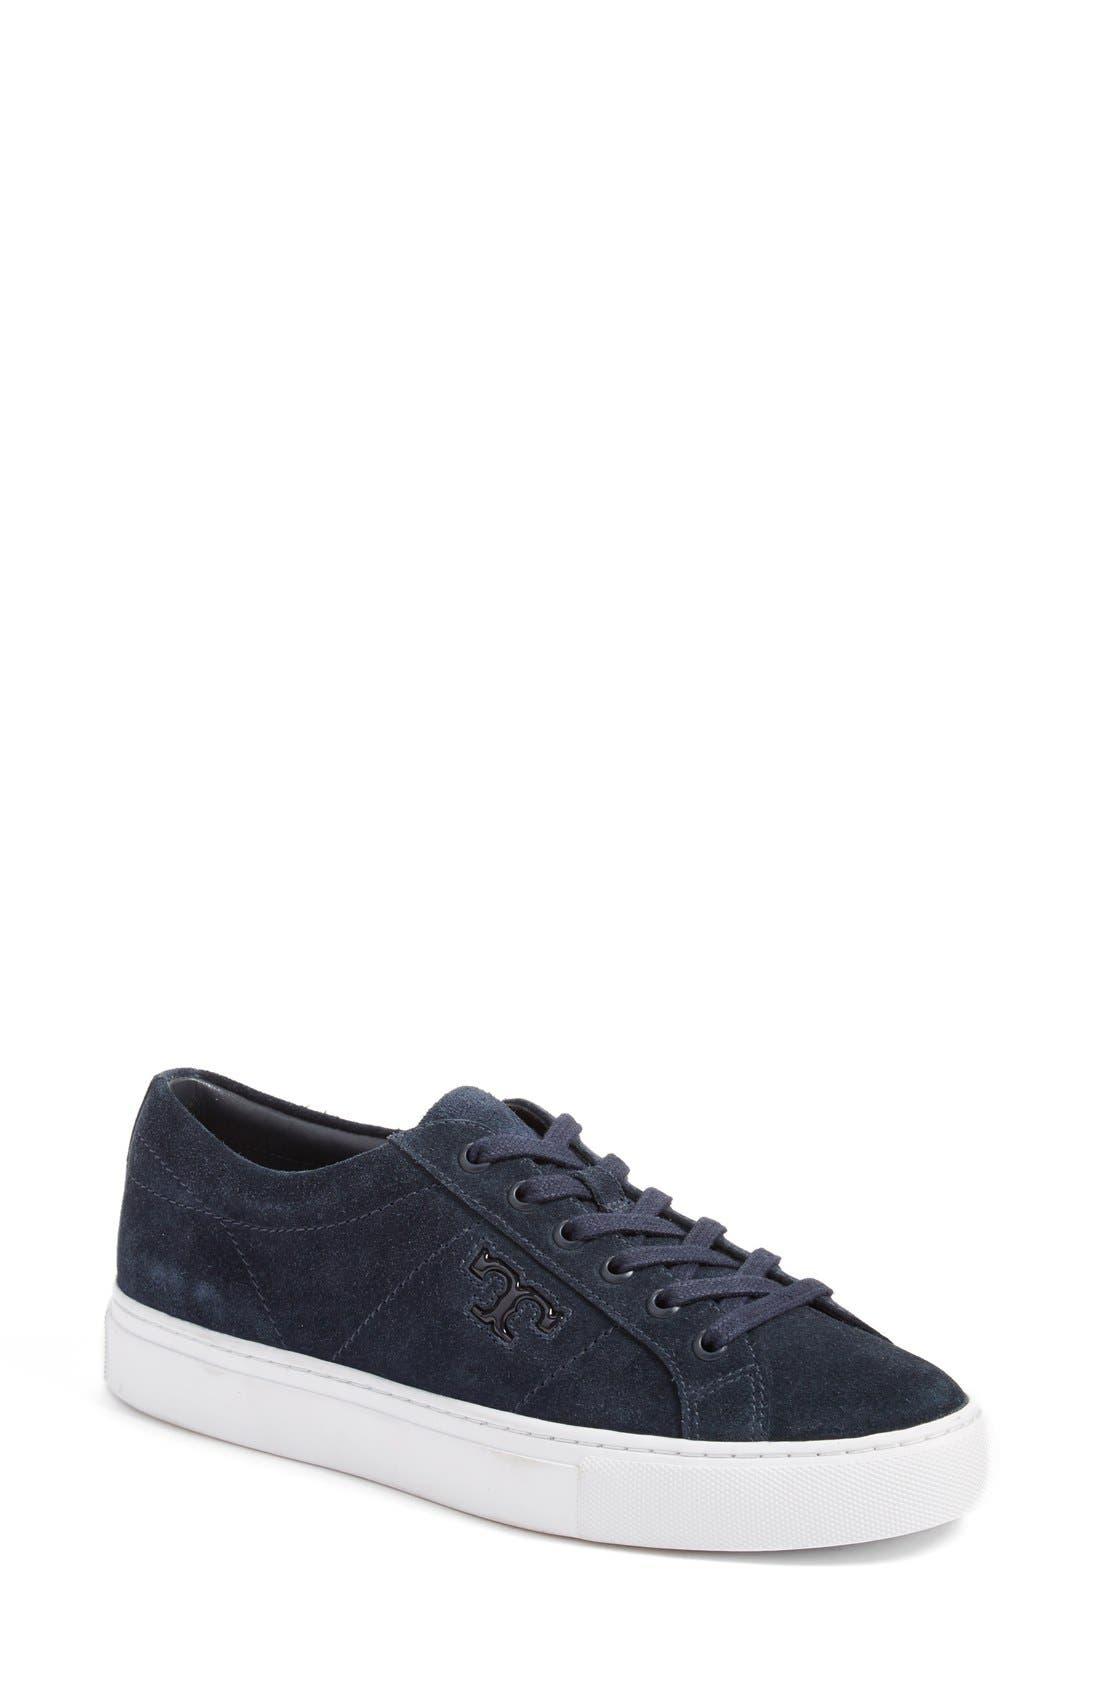 Main Image - Tory Burch 'Chace' Low Top Sneaker (Women)